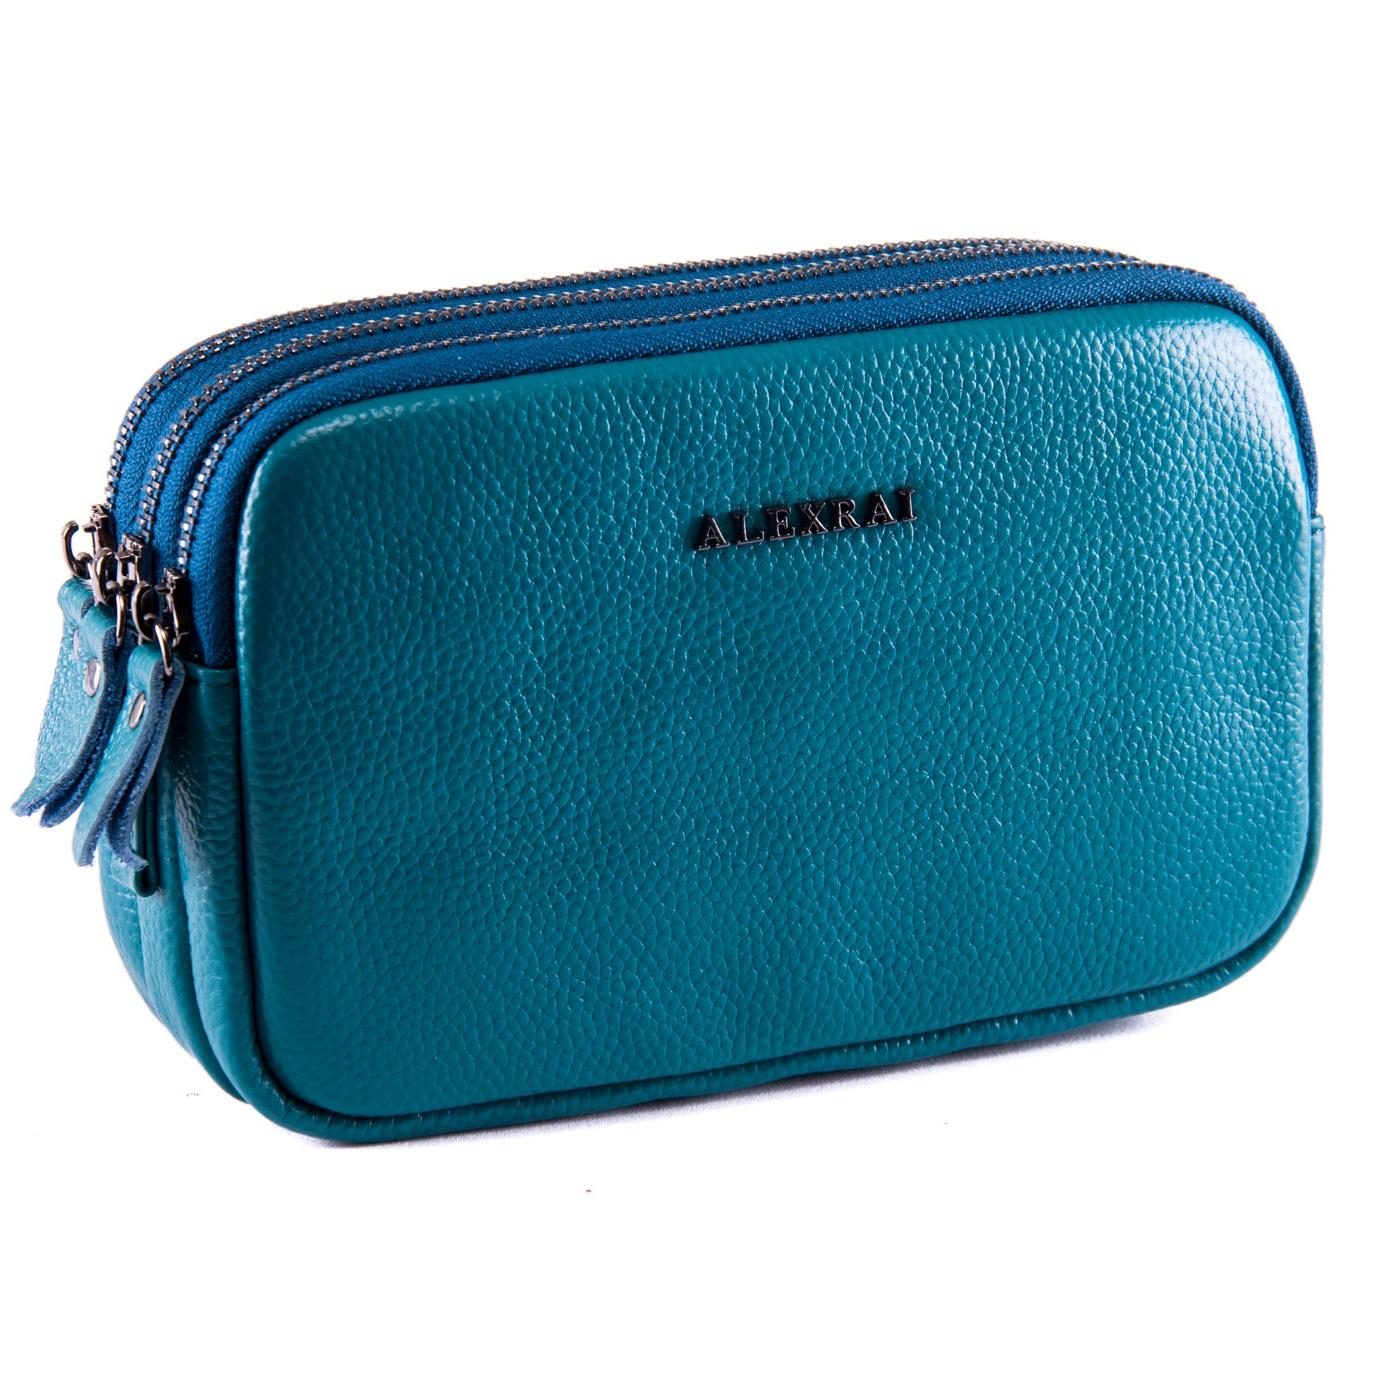 Сумка Женская Клатч кожа ALEX RAI 1-02 60061-13 blue